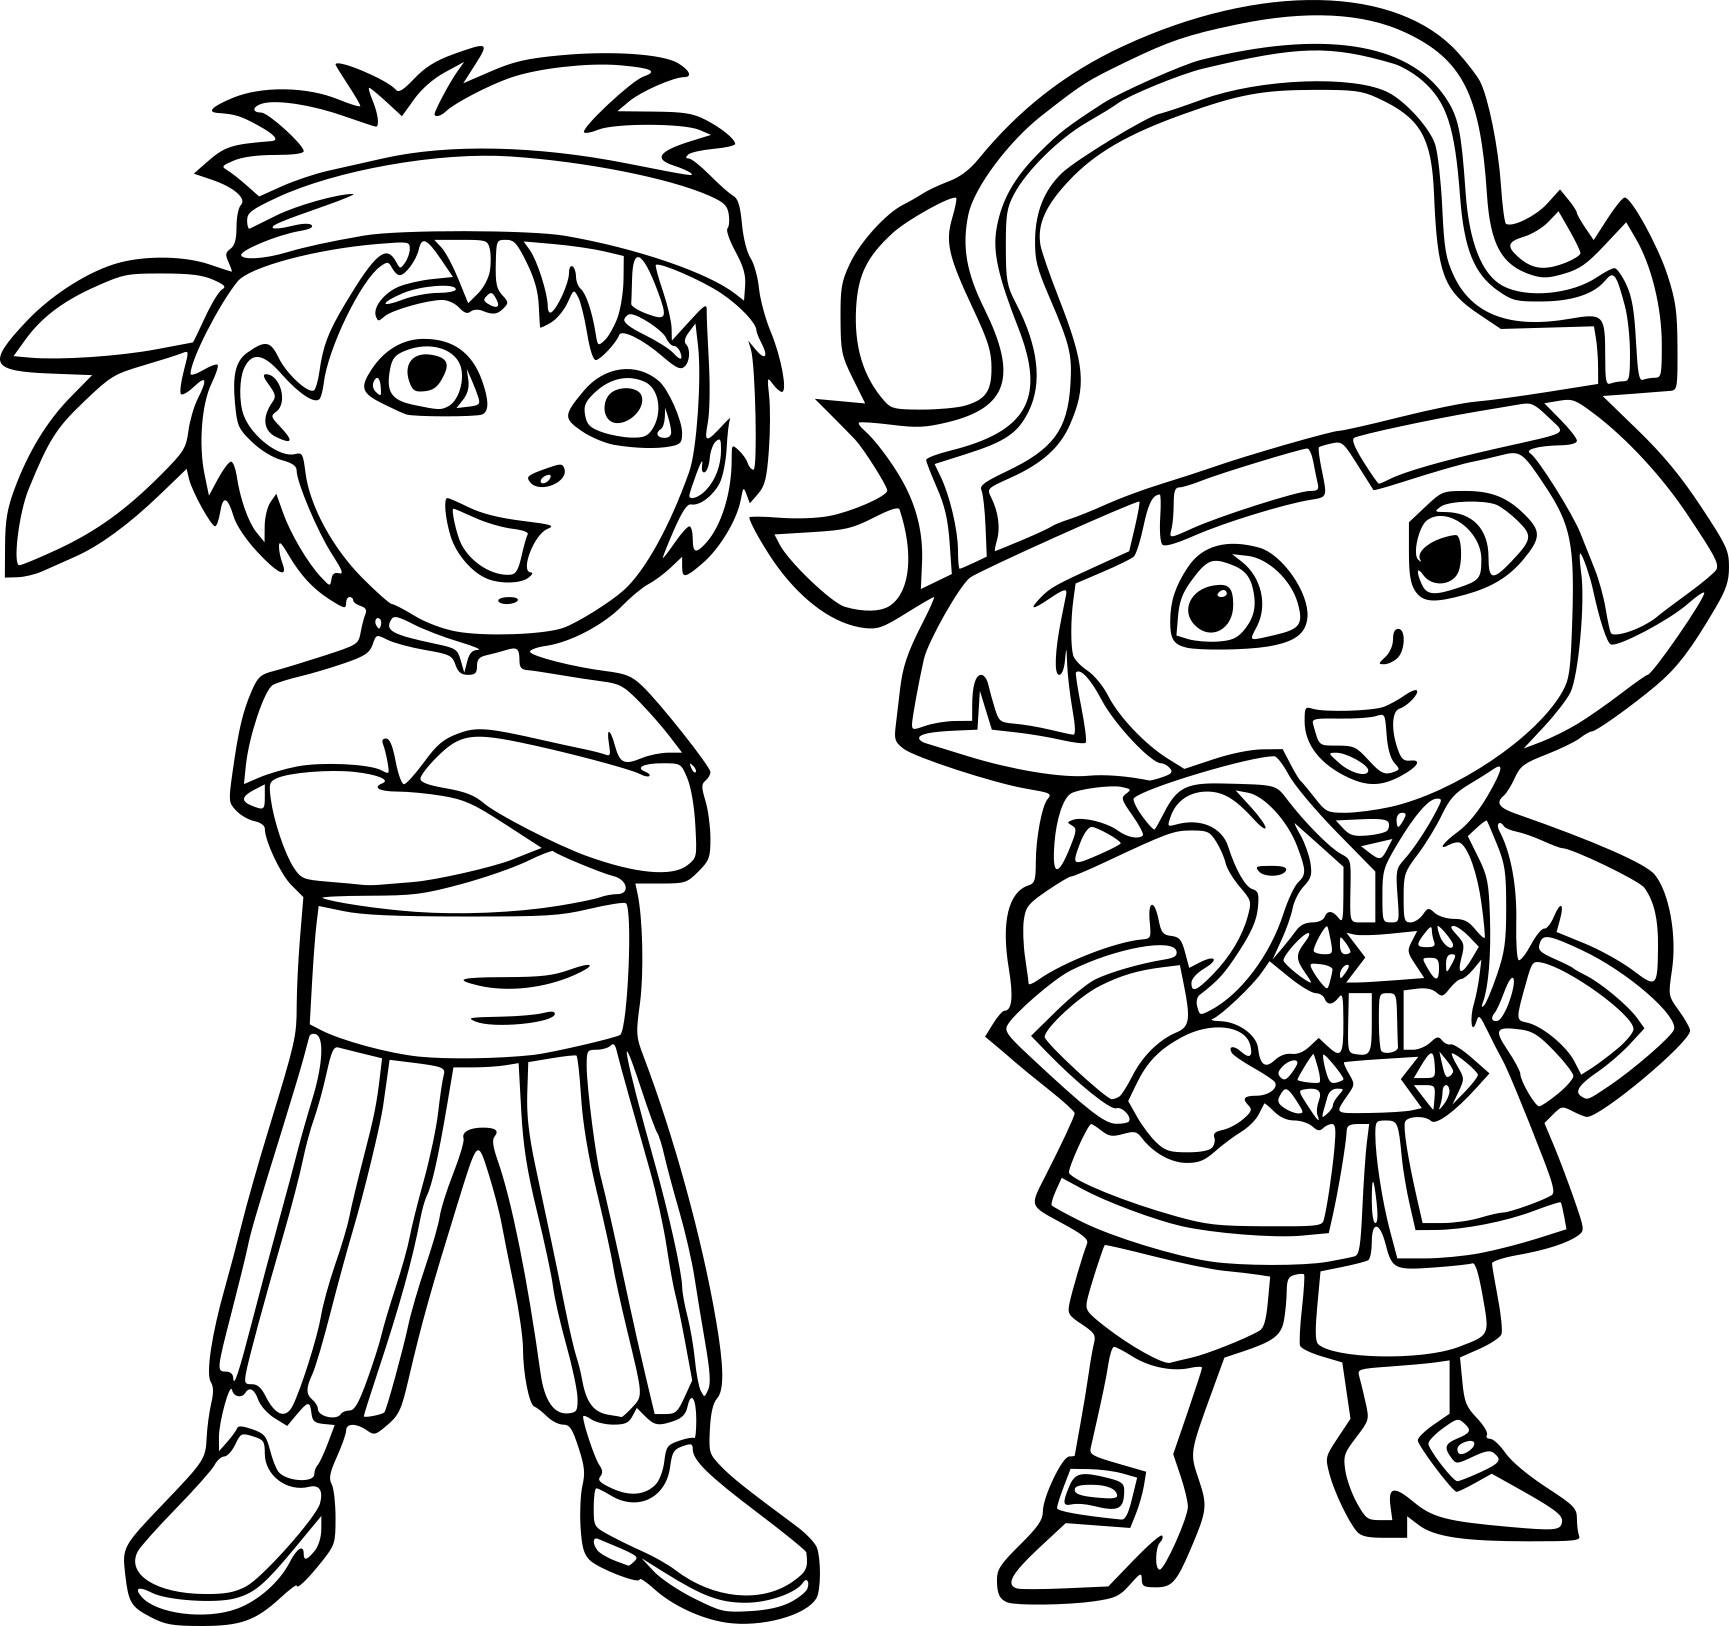 Coloriage Diego Et Dora À Imprimer Sur Coloriages dedans Coloriage Dora À Imprimer